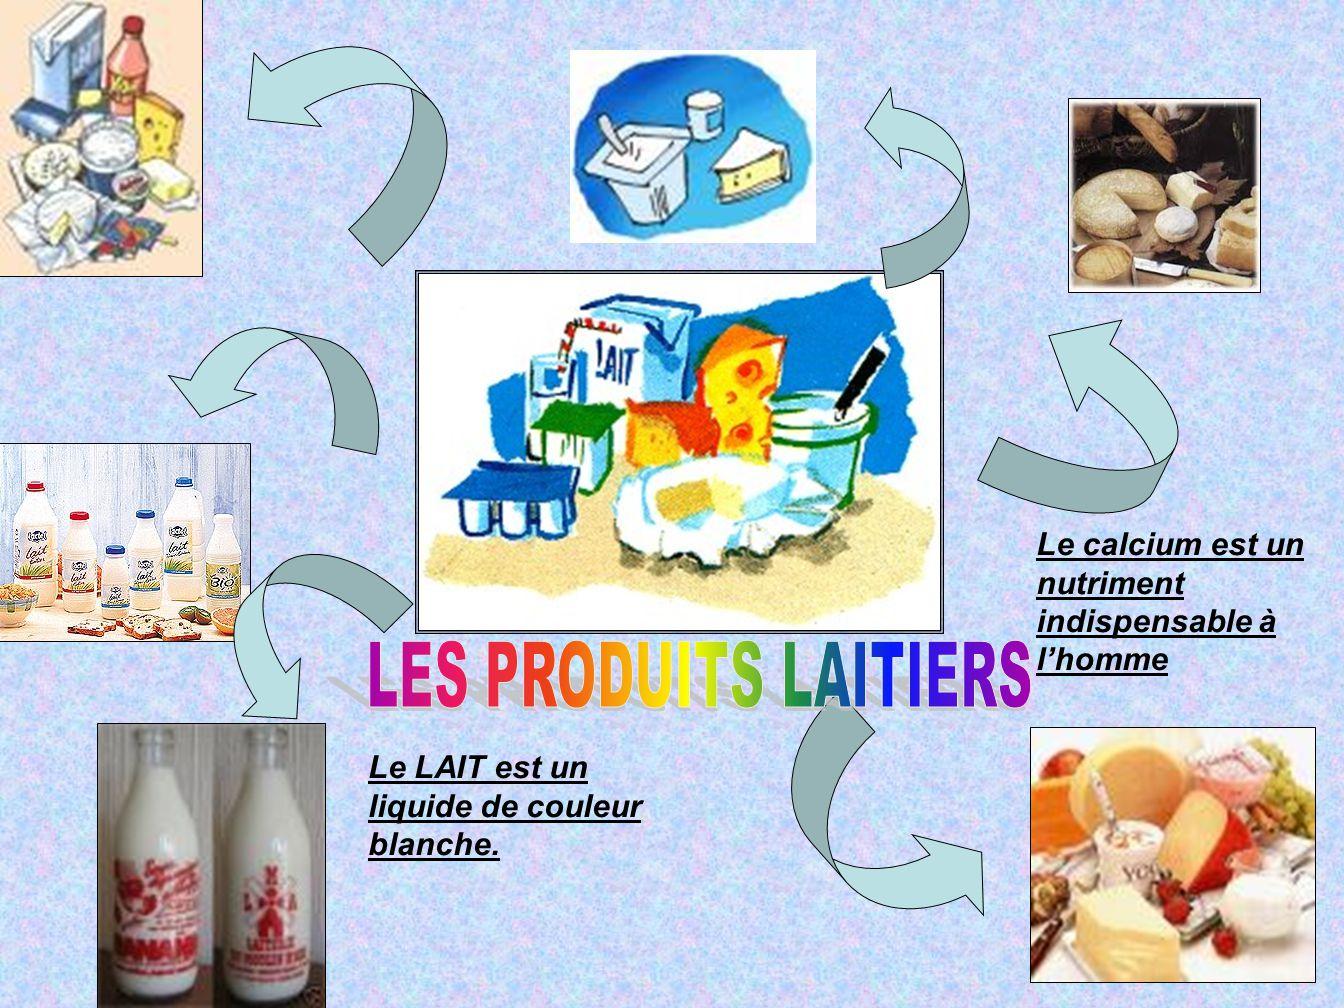 Le LAIT est un liquide de couleur blanche. Le calcium est un nutriment indispensable à l'homme